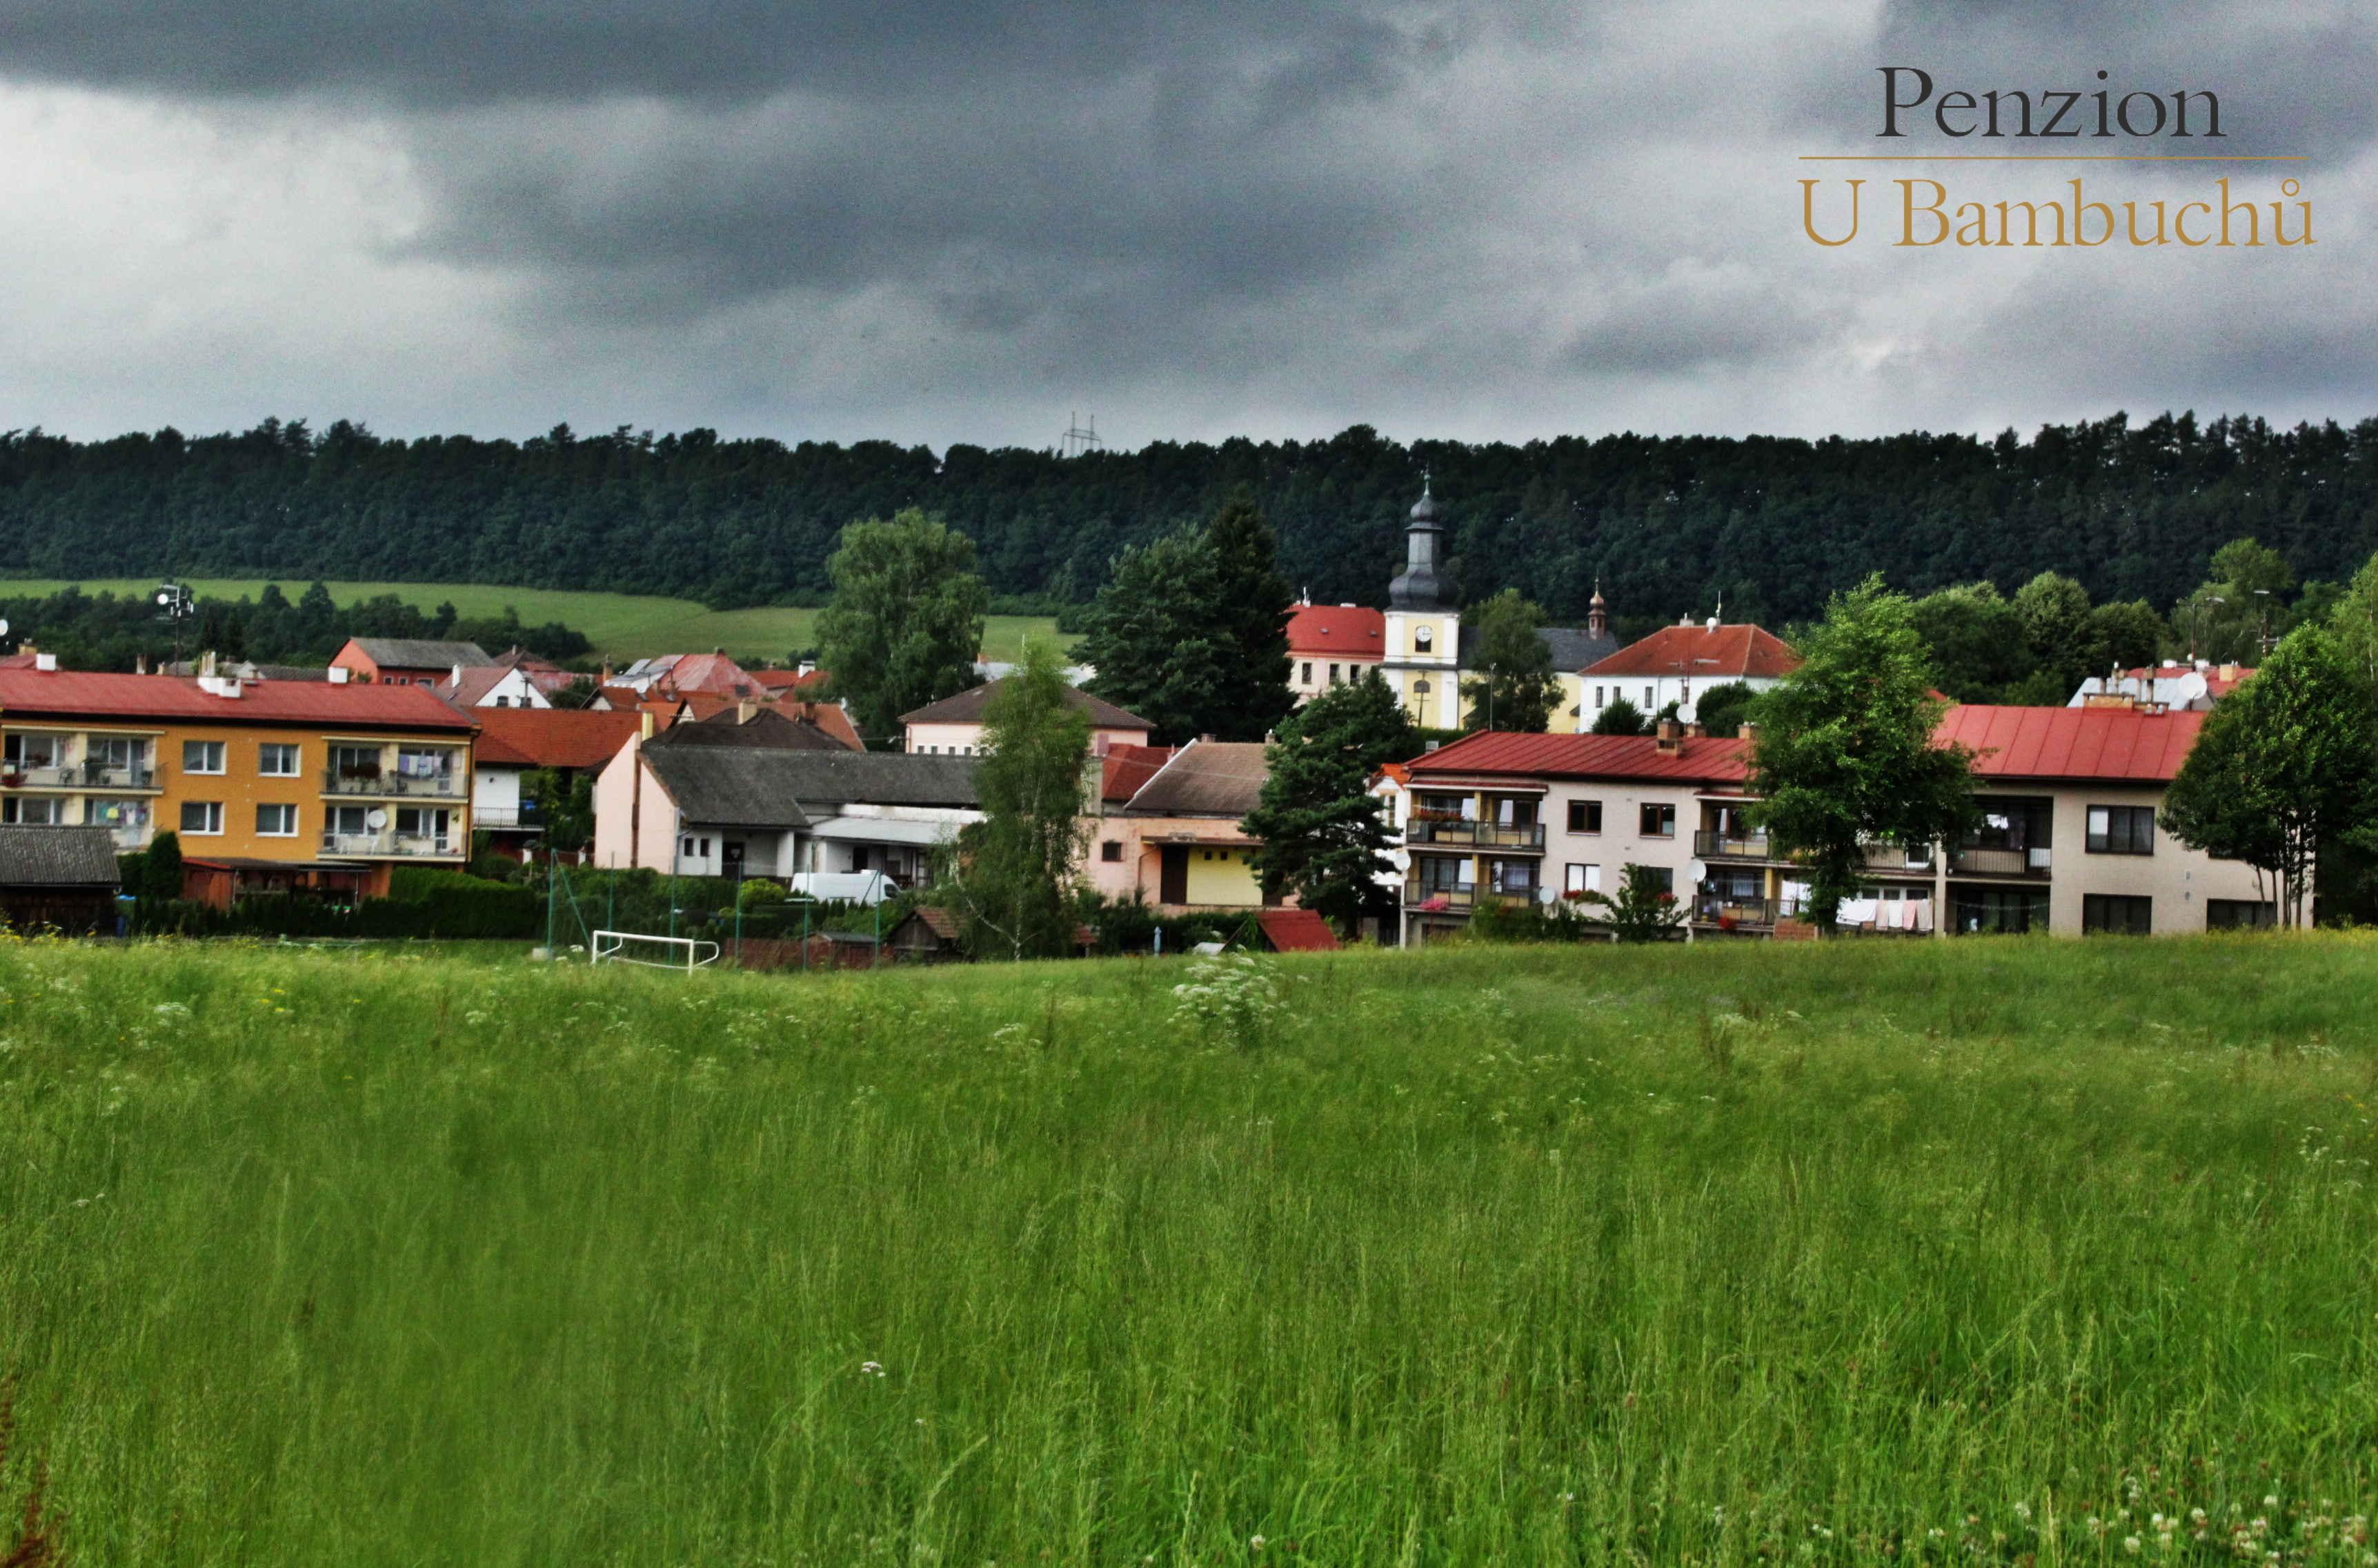 Libice nad Doubravou, okolí penzionu UBambuchů